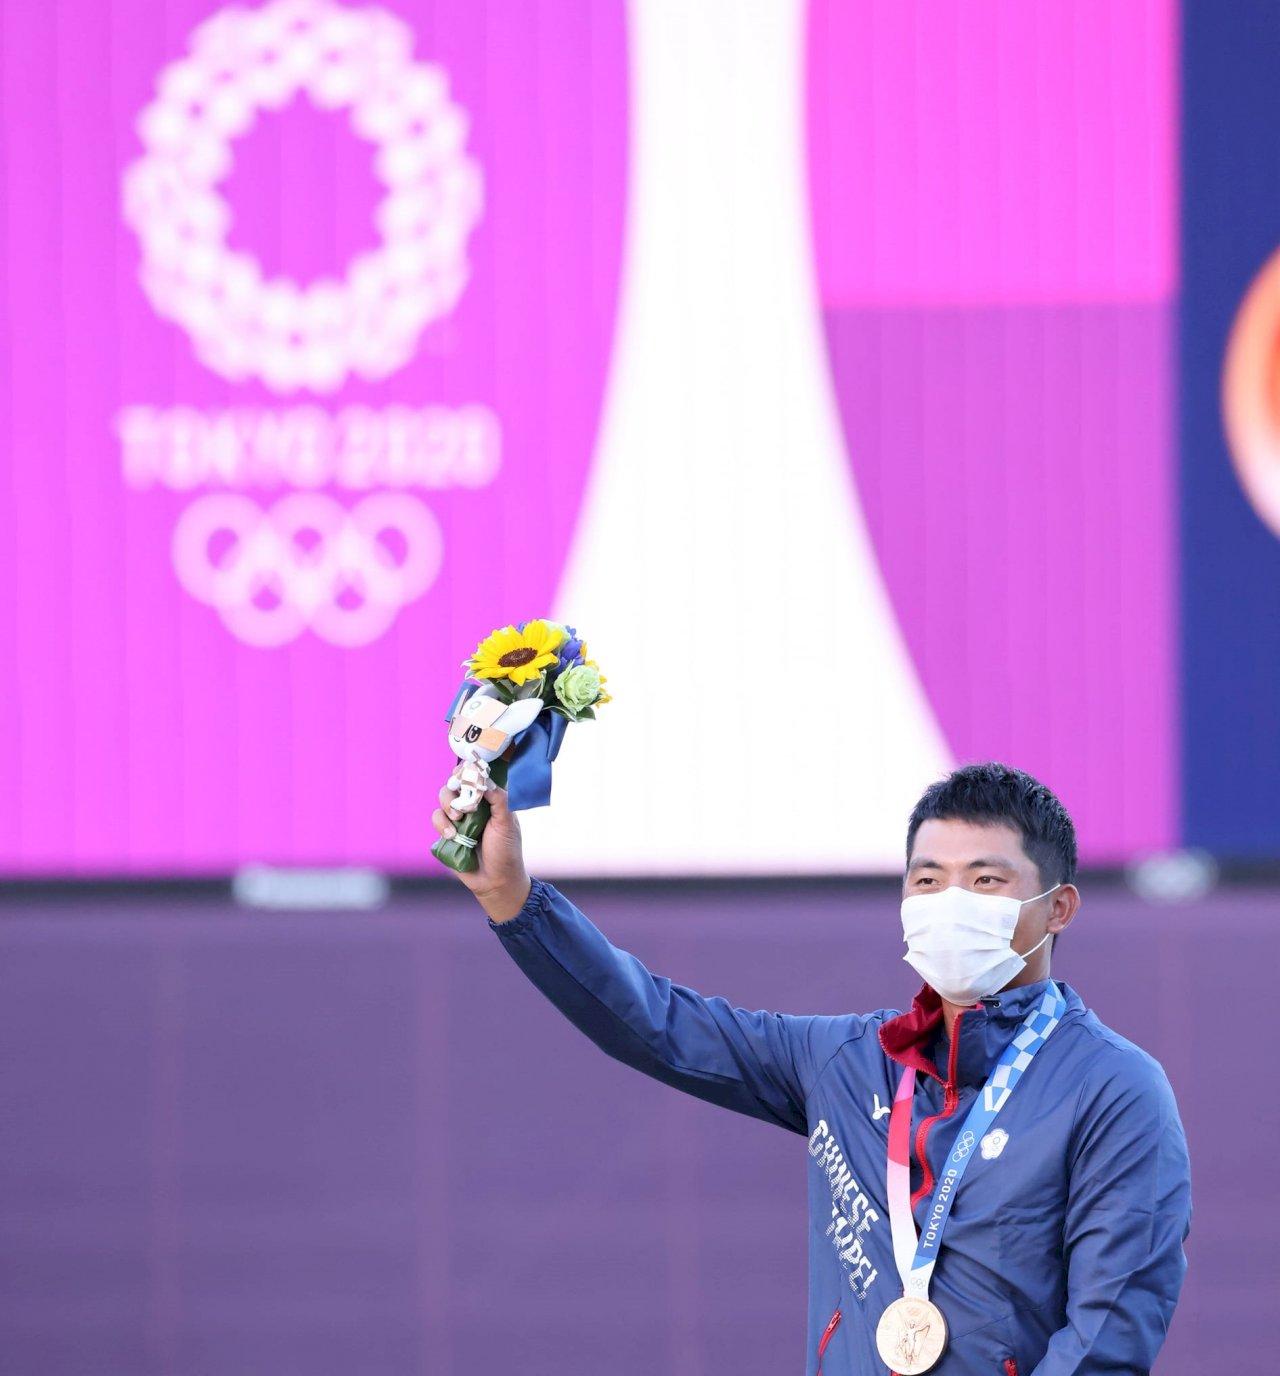 大驚喜!潘政琮神奇大反攻  奧運驟死賽勝出摘銅台灣高球第1人